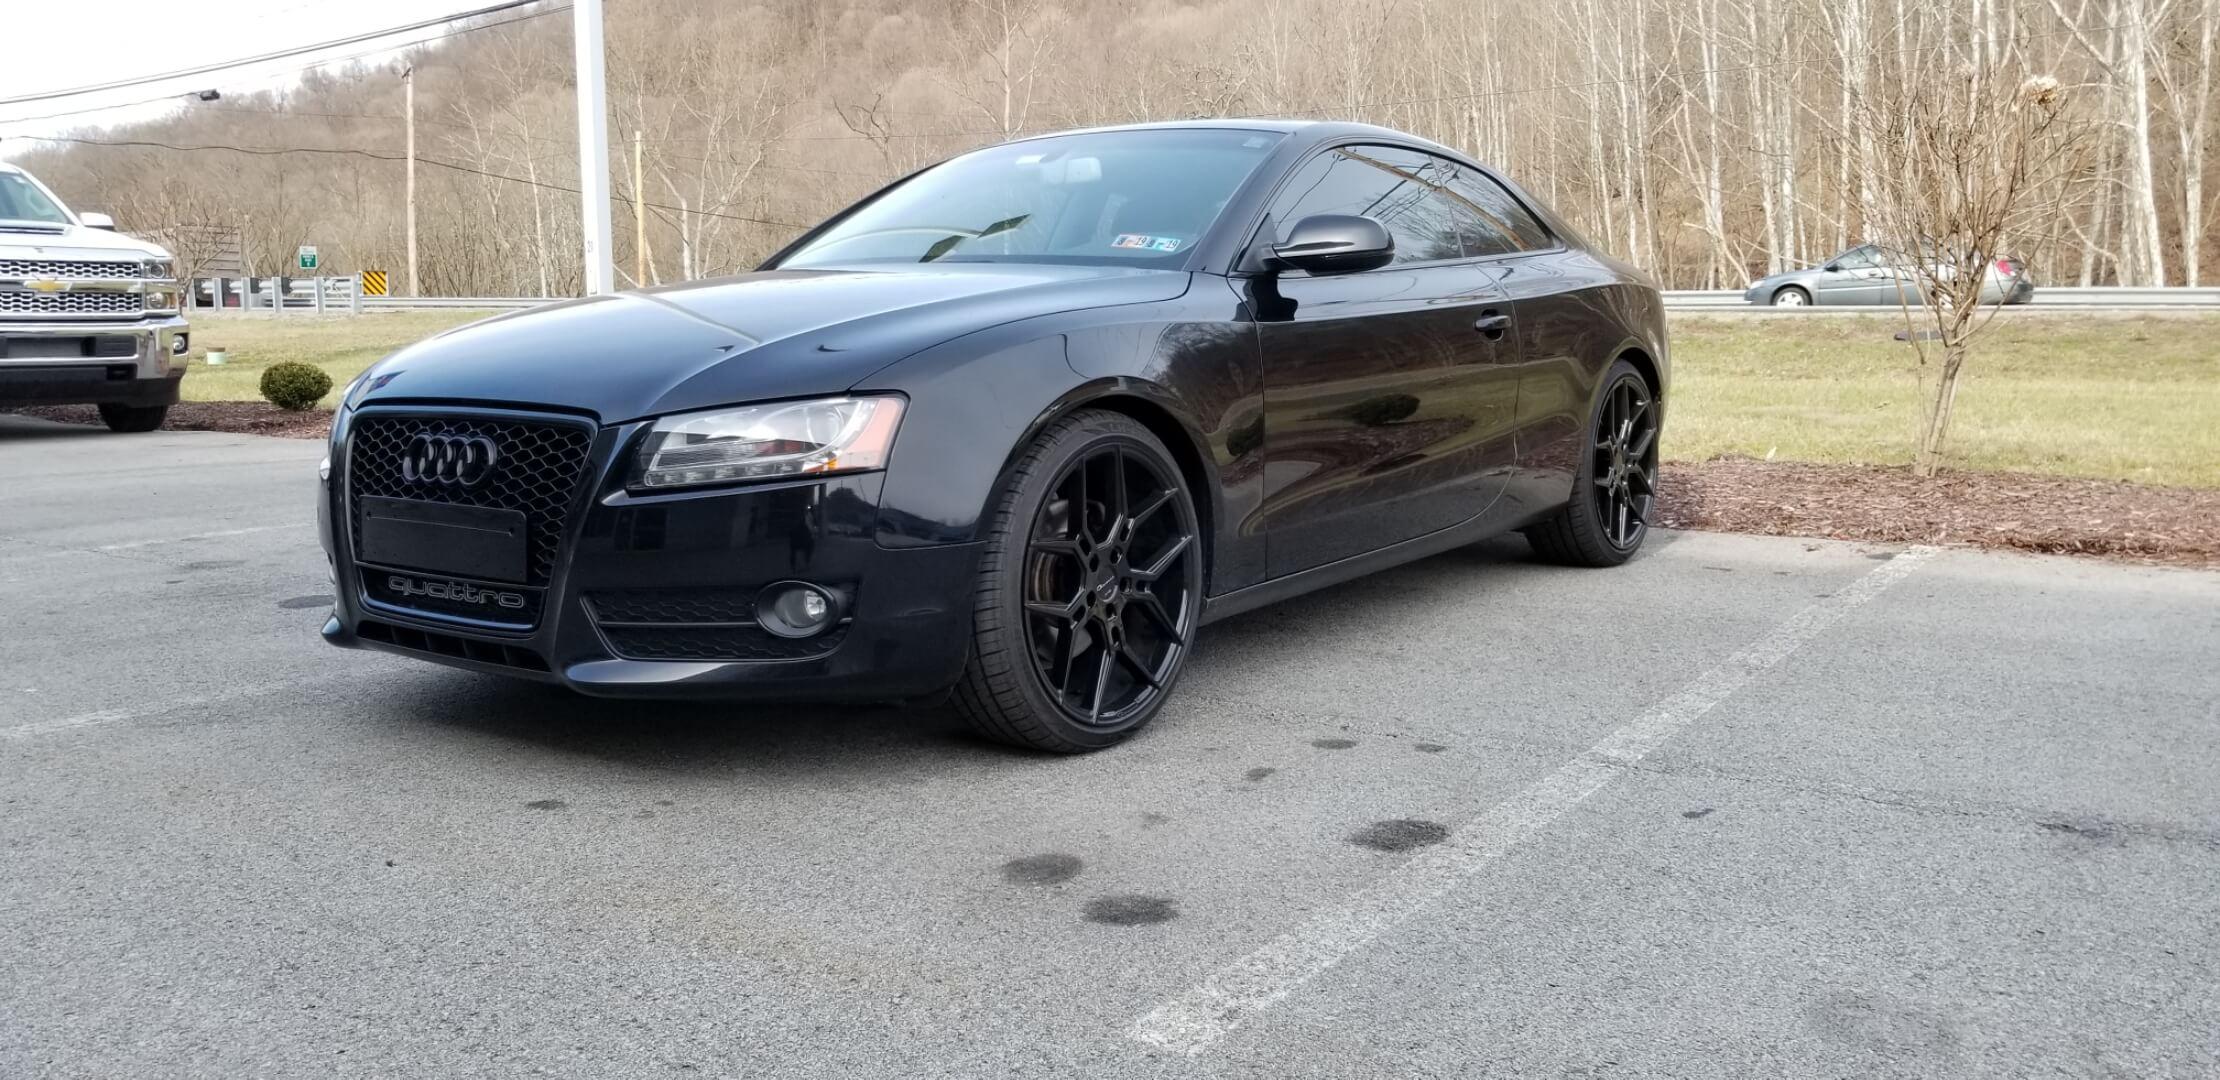 Kekurangan Audi A5 2011 Spesifikasi